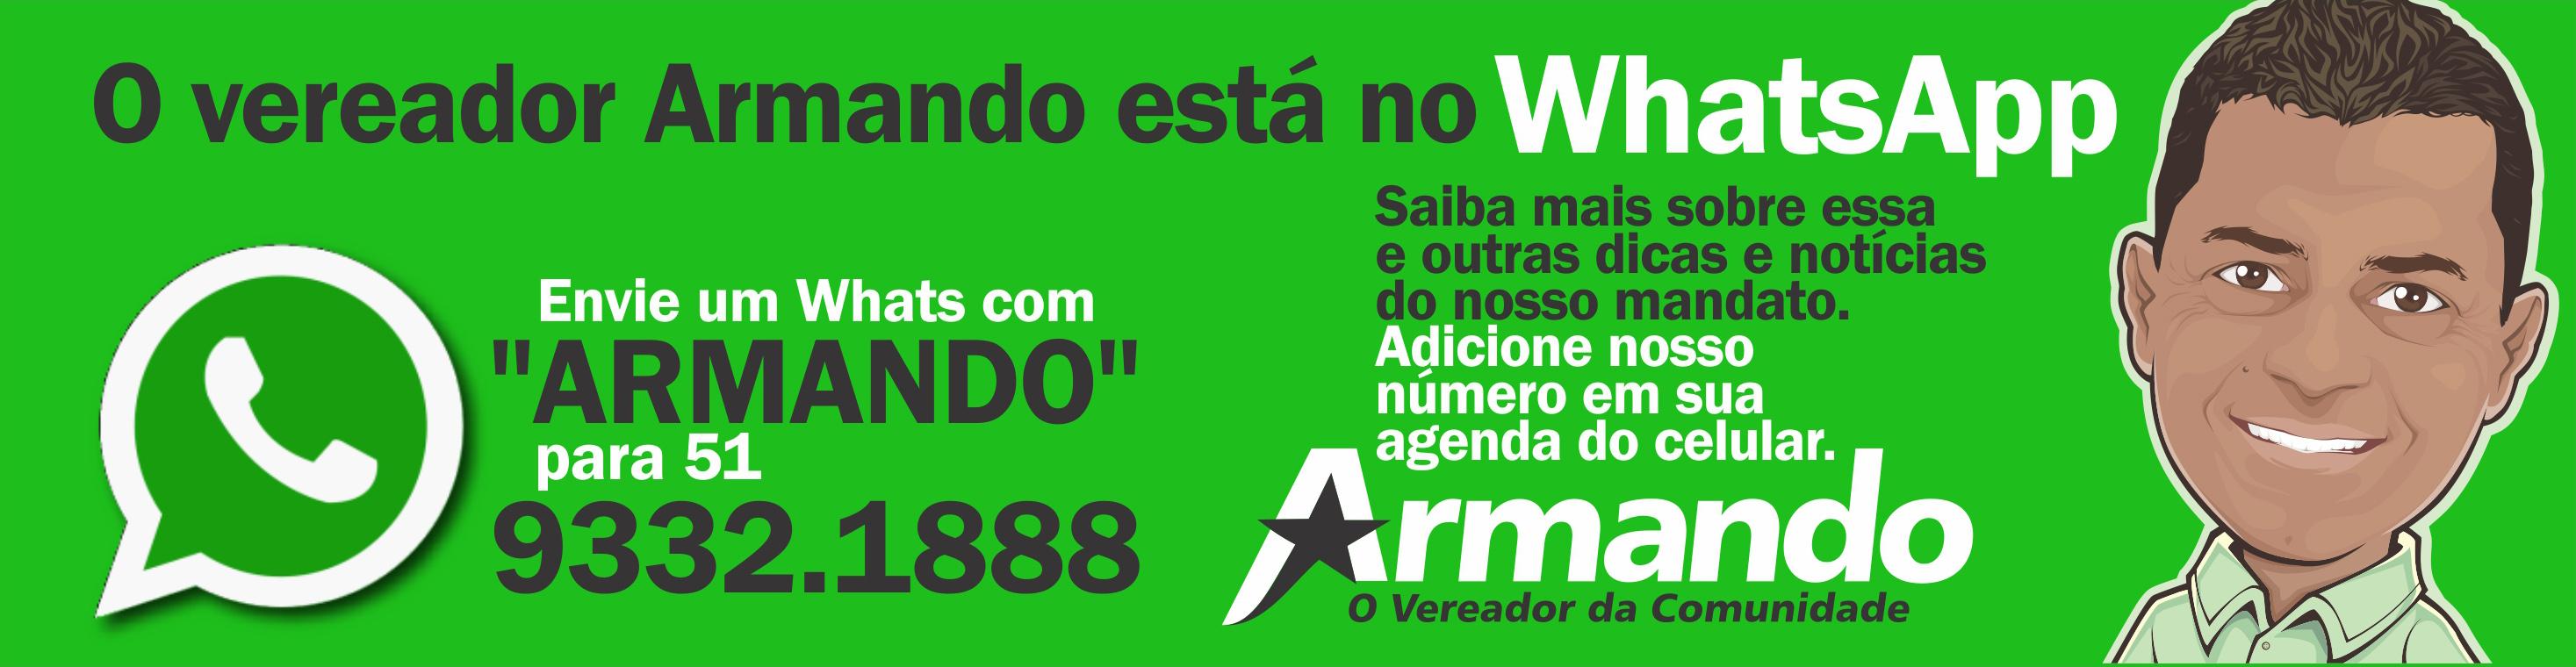 WhatsApp_3_ ereador_Armando